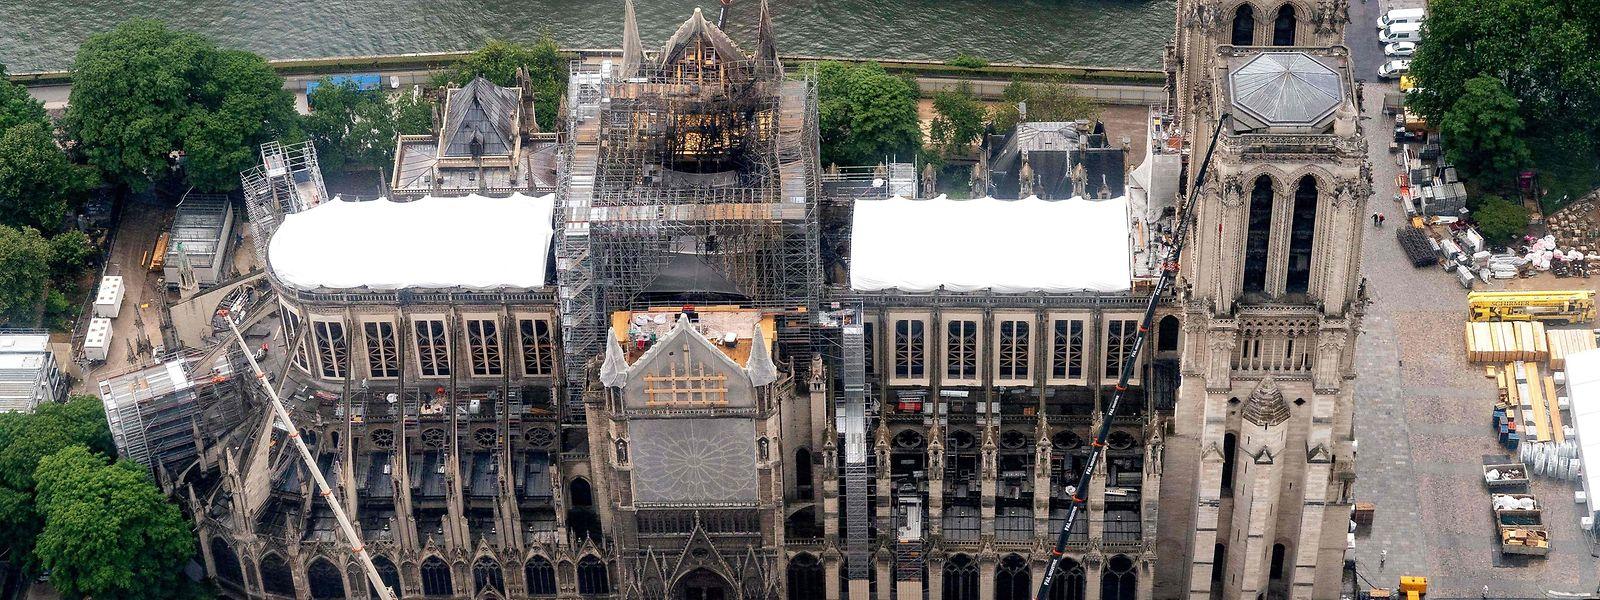 Das Foto aus dem Juni 2019 zeigt das stark beschädigte Bauwerk.